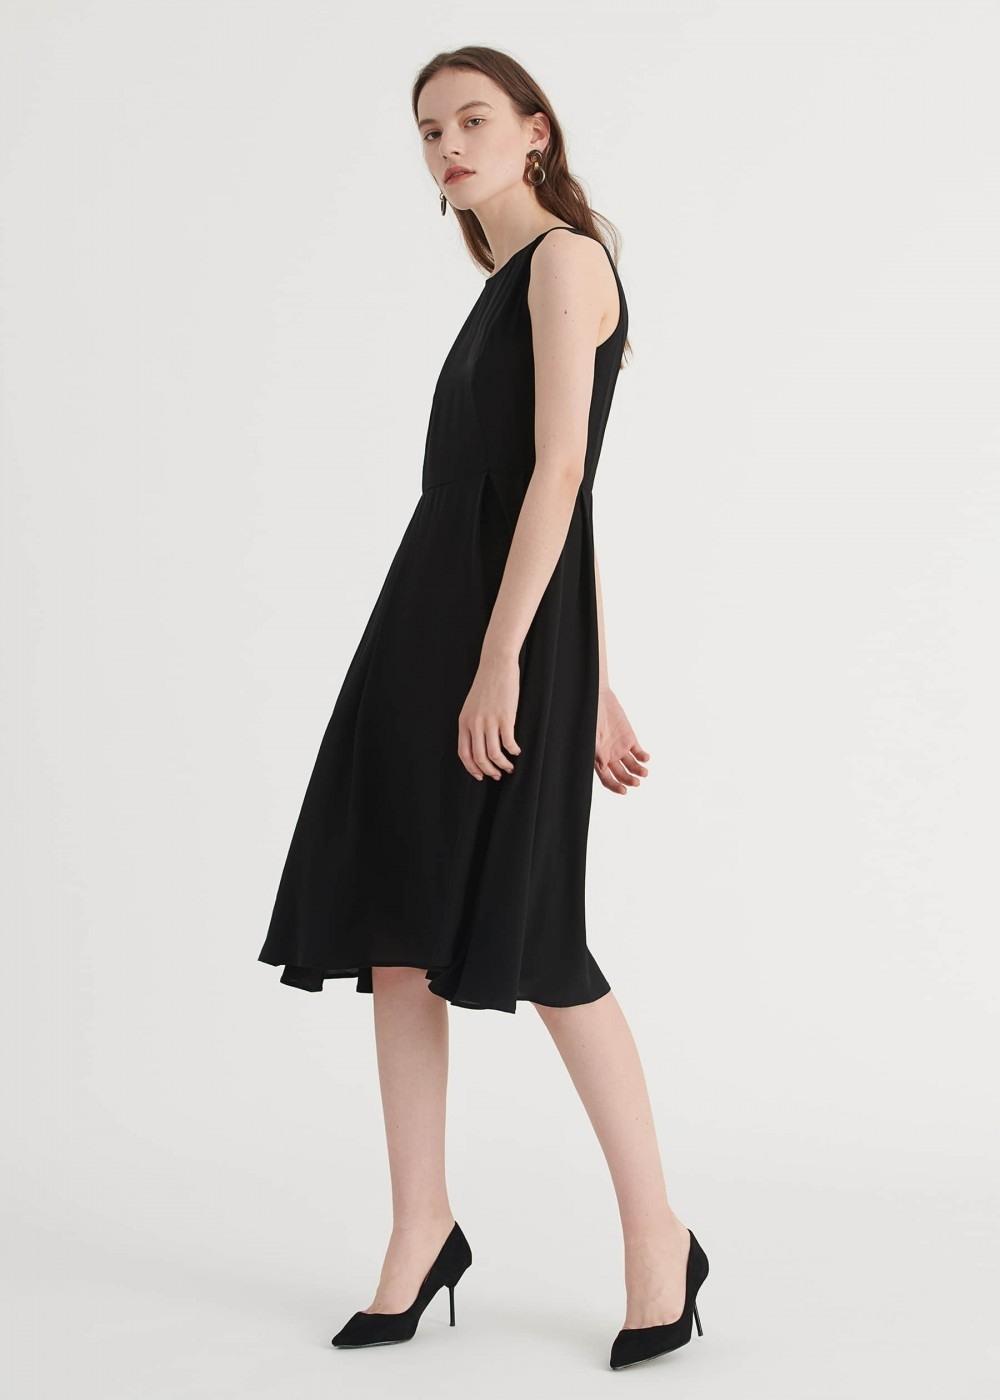 Schön Kleines Kleid Bester Preis Großartig Kleines Kleid Ärmel